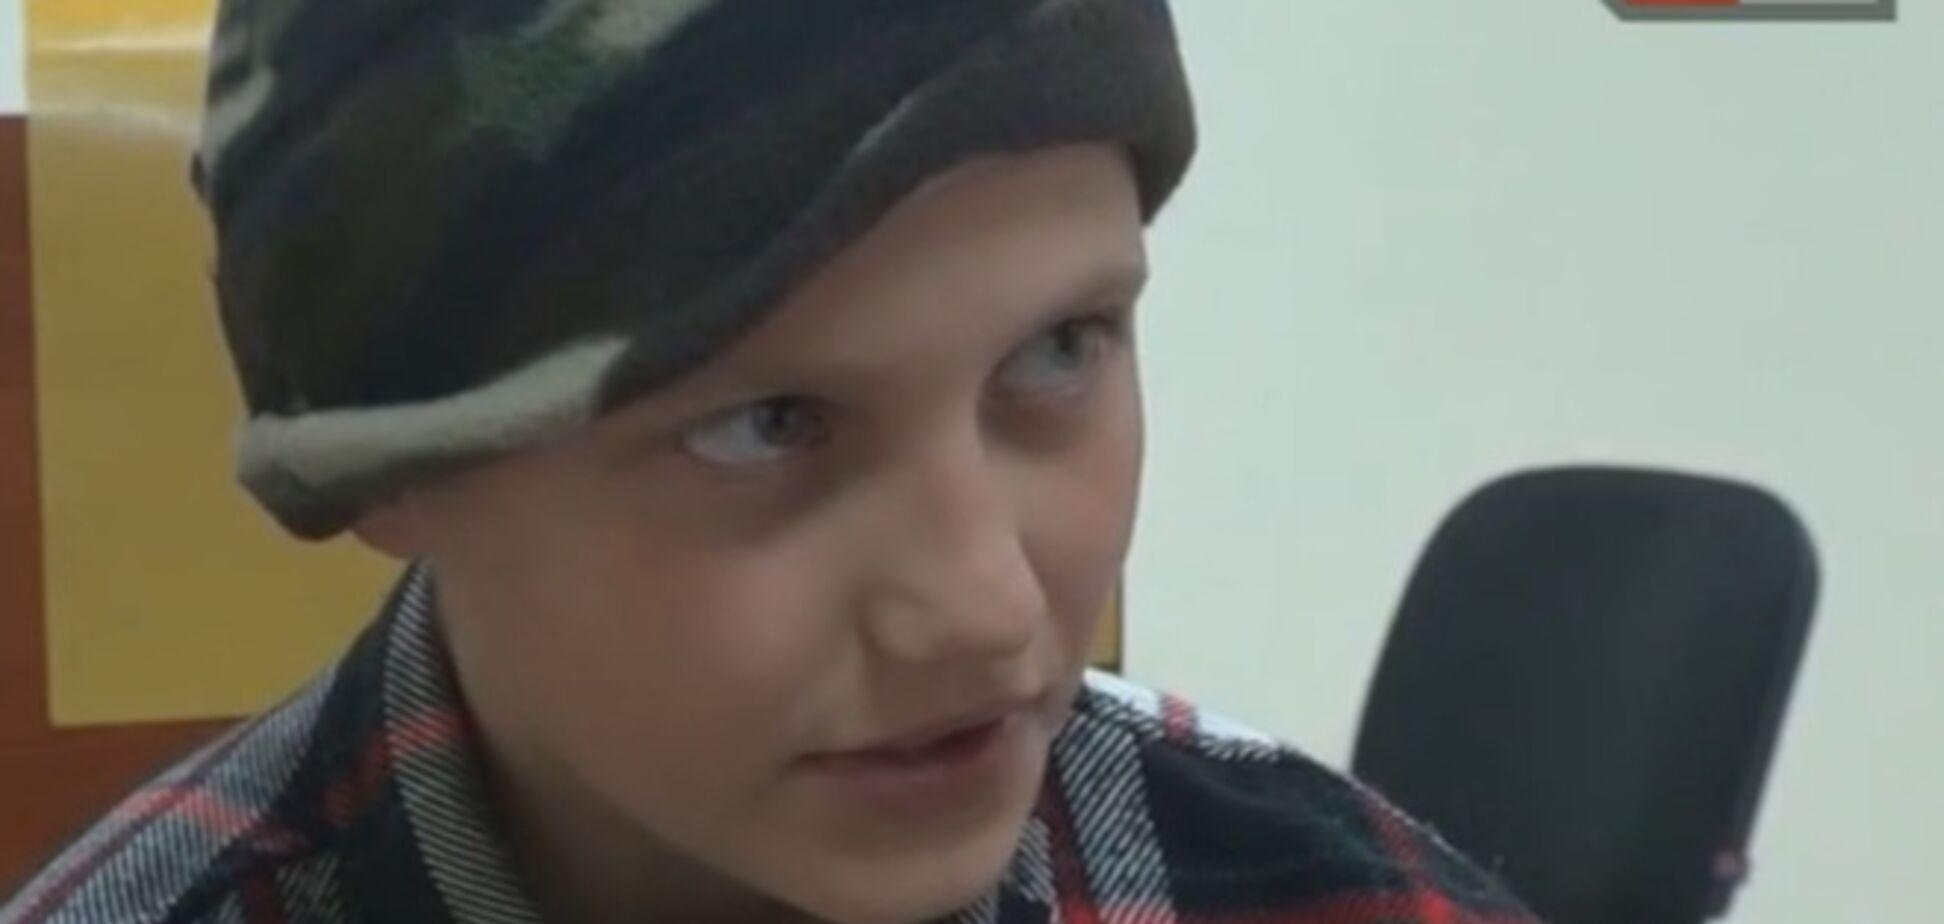 Новая сказка российских СМИ: 'каратели' накололи ребенка наркотиками и сделали мишенью для ракет